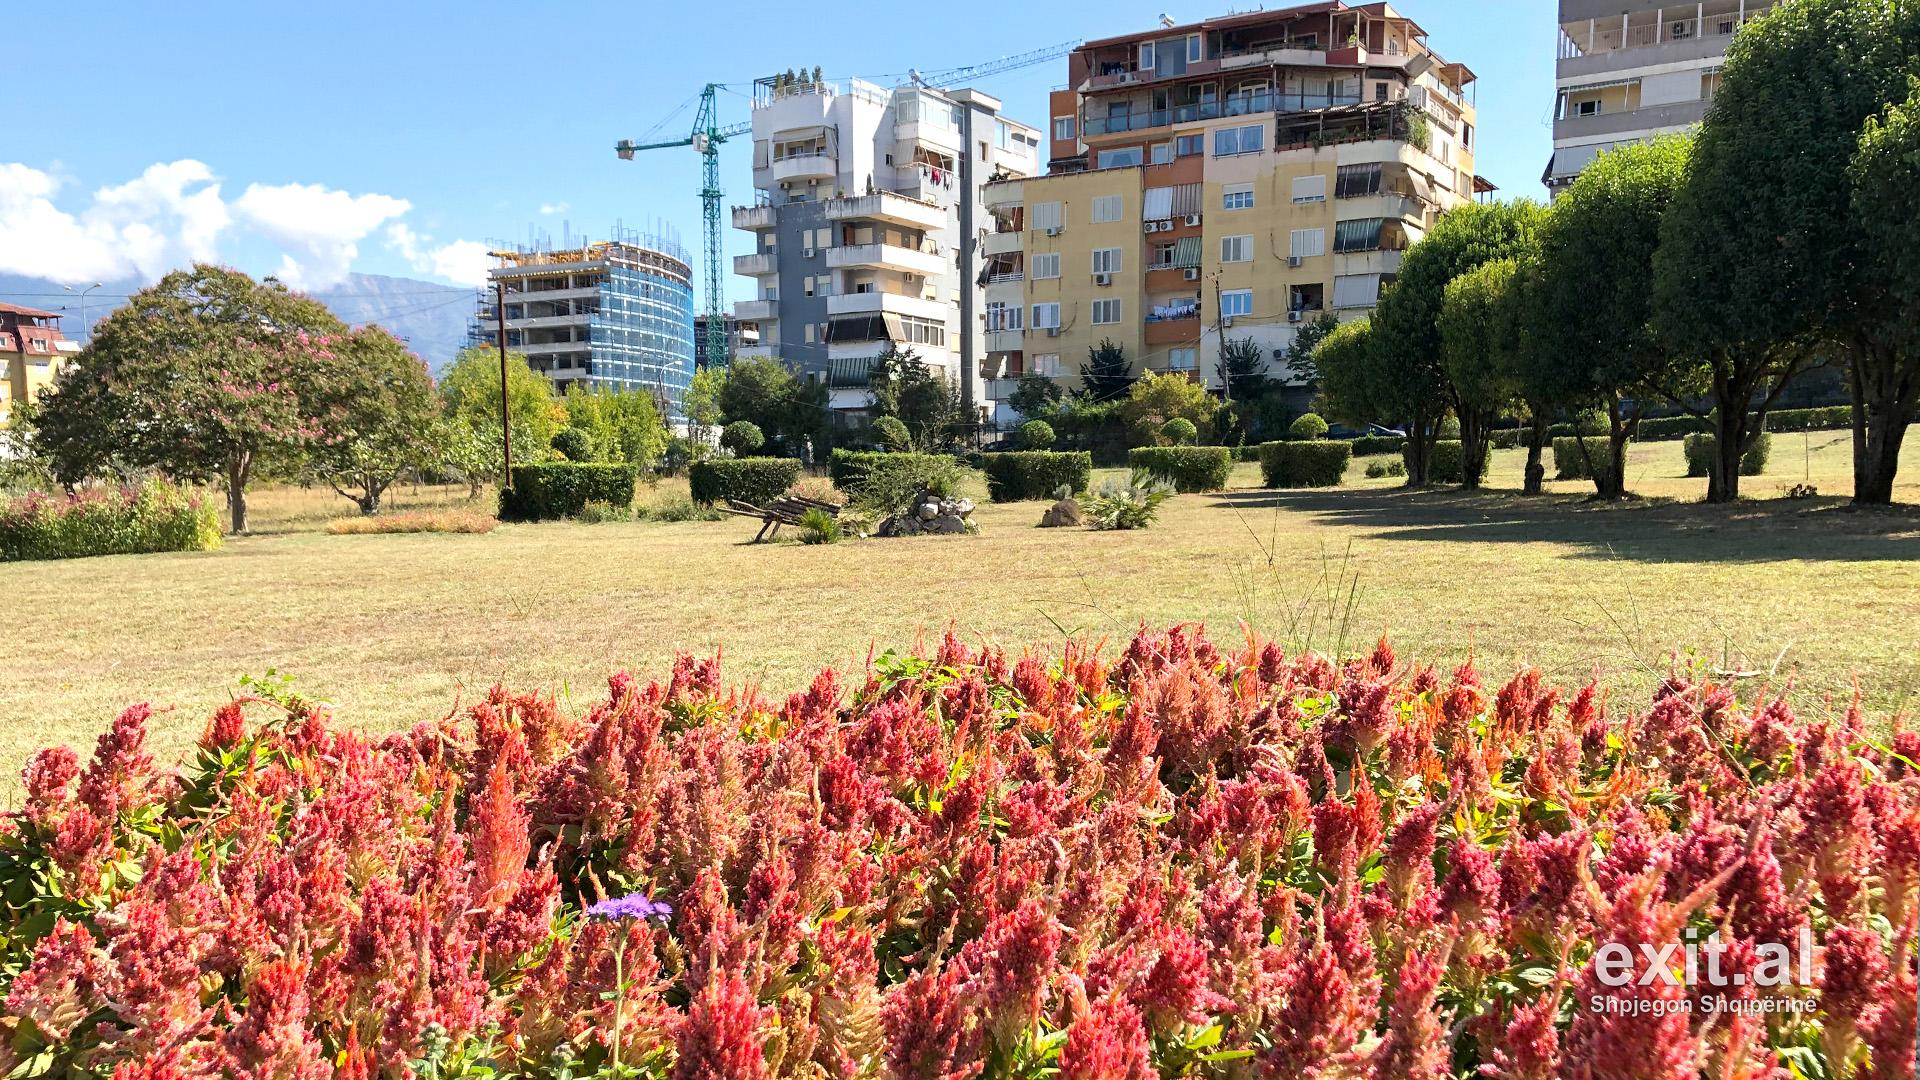 Çështja e pronësisë së Kopshtit Botanik i kalon Gjykatës Administrative të Shkallës së Parë